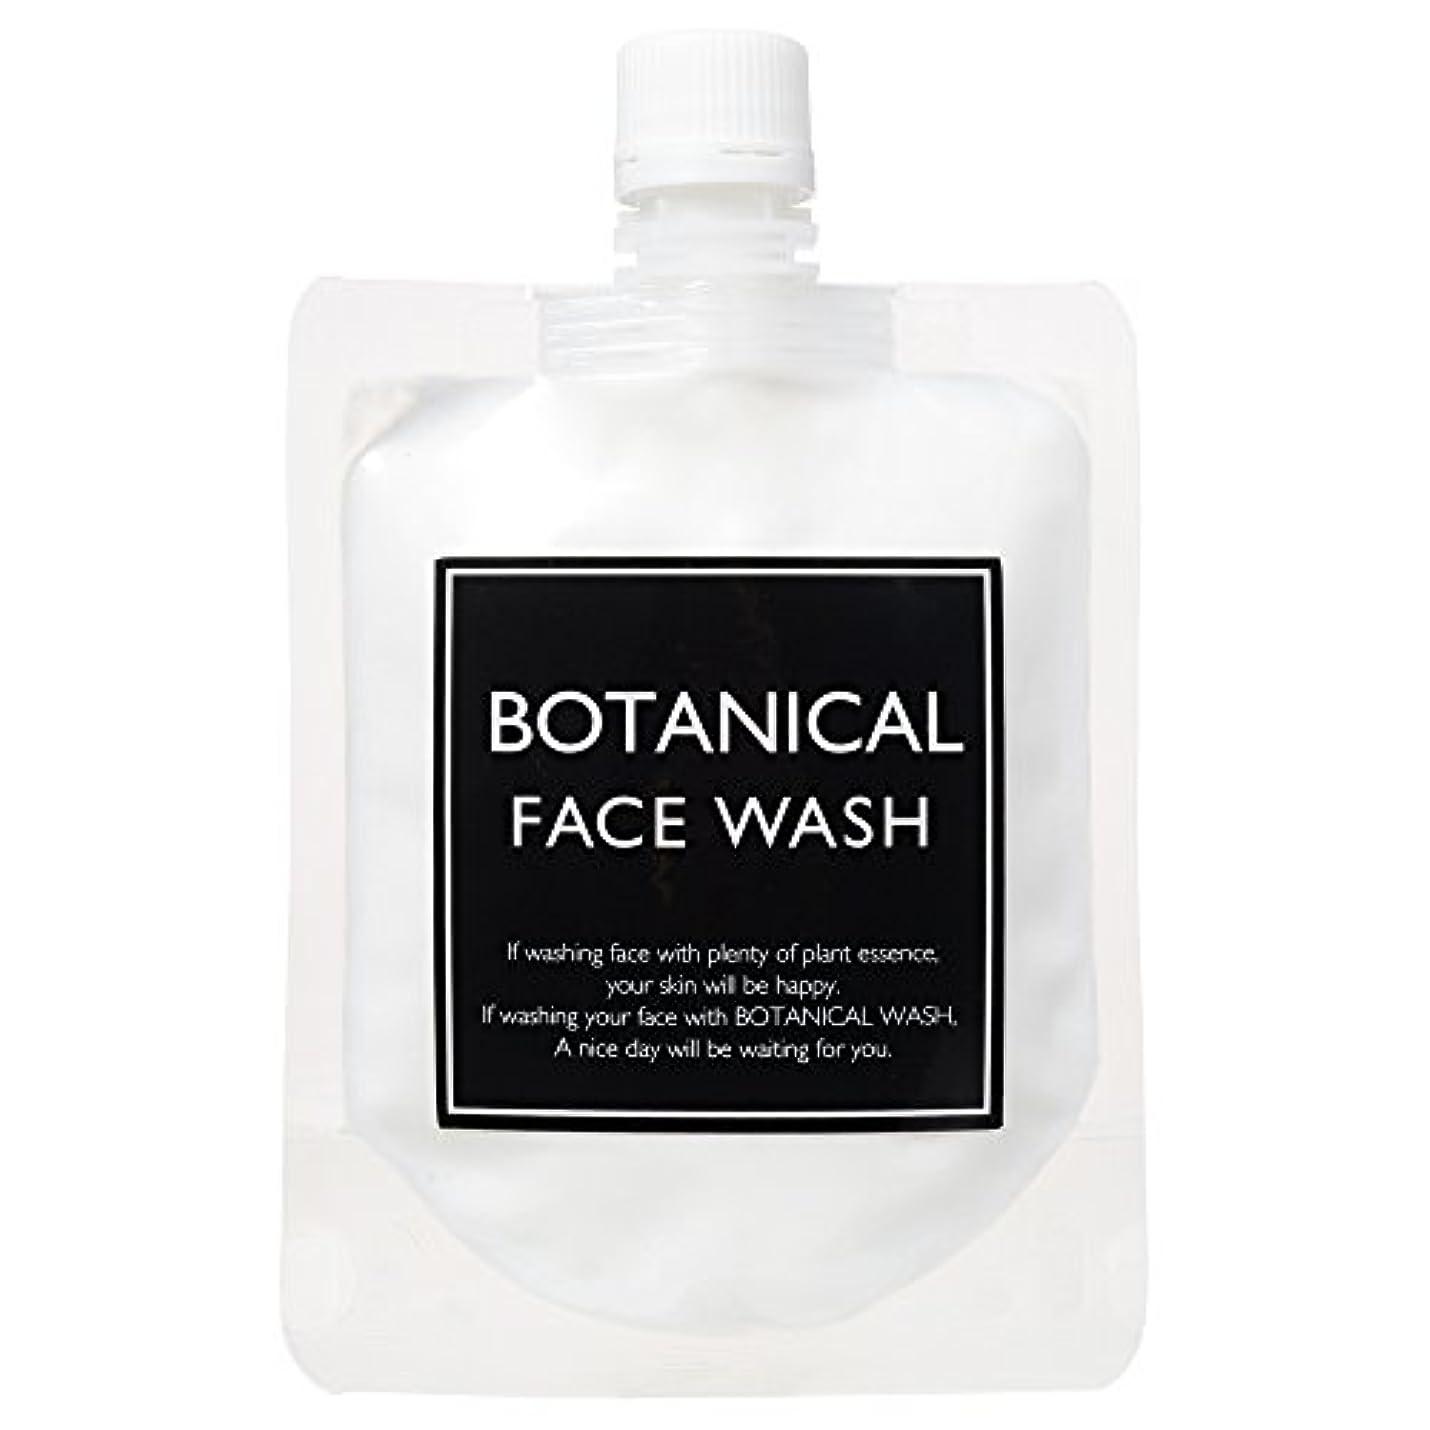 クランプおかしいジャンプ【BOTANICAL FACE WASH】 ボタニカル フェイスウォッシュ 150g 泡洗顔